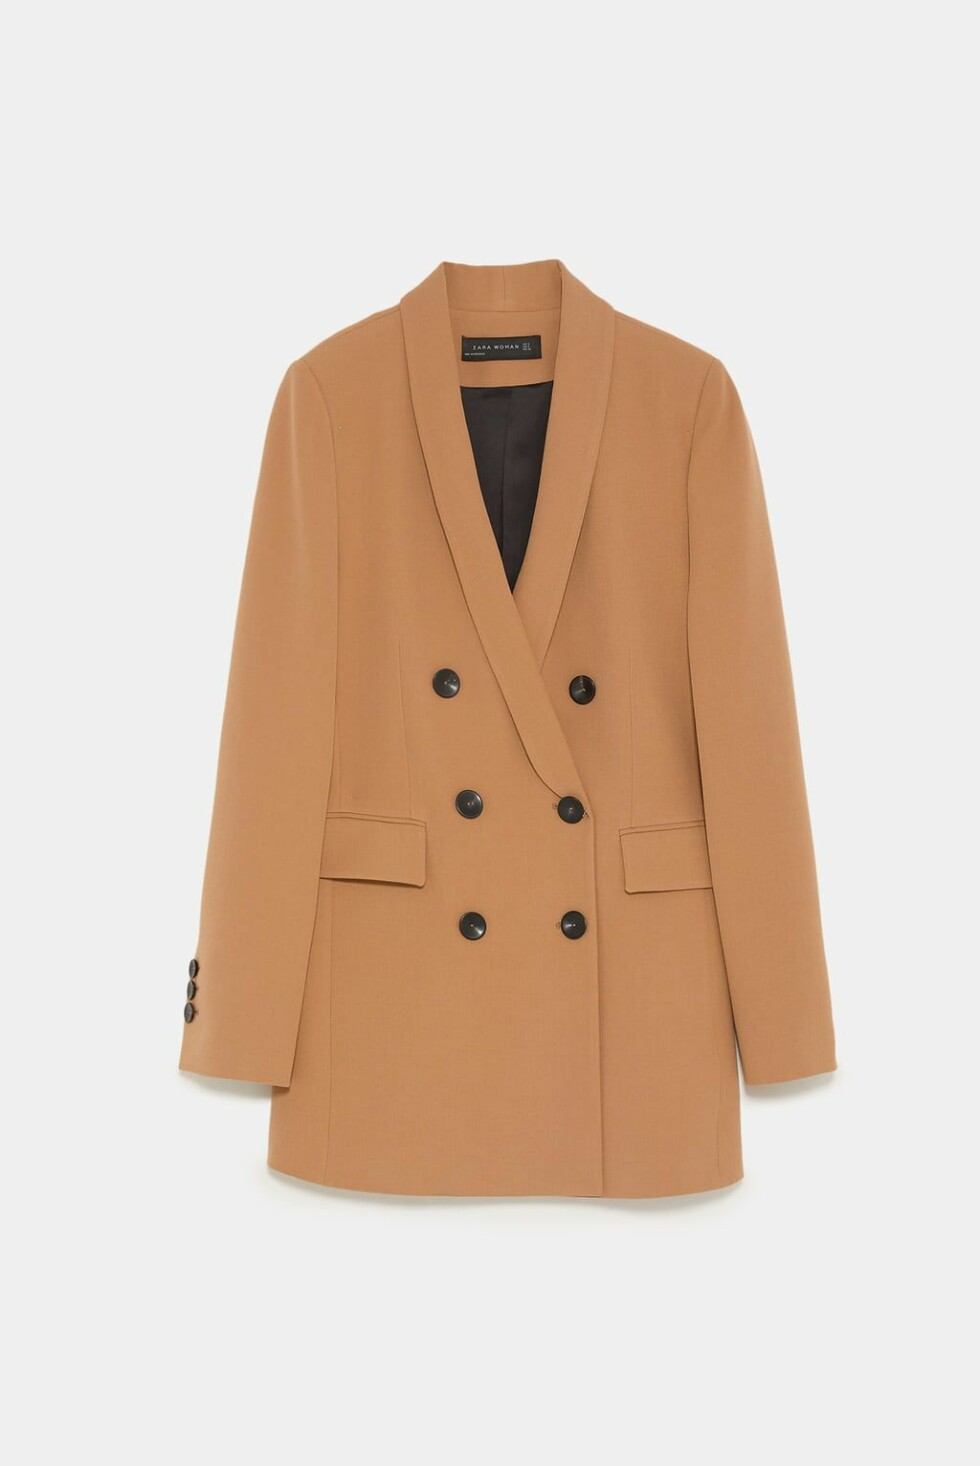 Blazer fra Zara |1000,-| https://www.zara.com/no/no/blazer-med-smokingkrage-p08042703.html?v1=7292519&v2=1074648